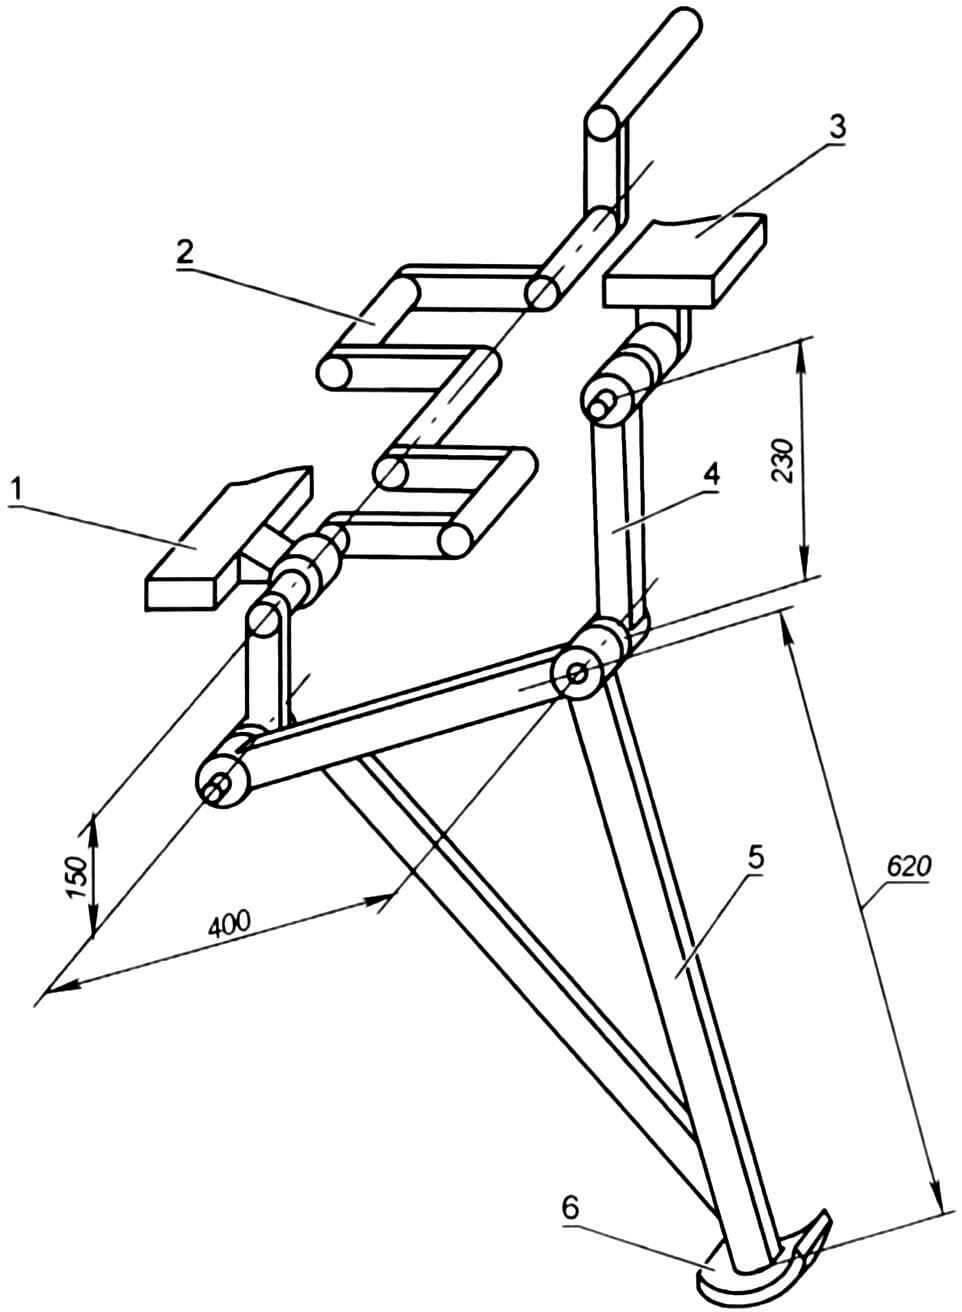 Схема привода шагающего механизма (условно показана только крайняя правая нога)